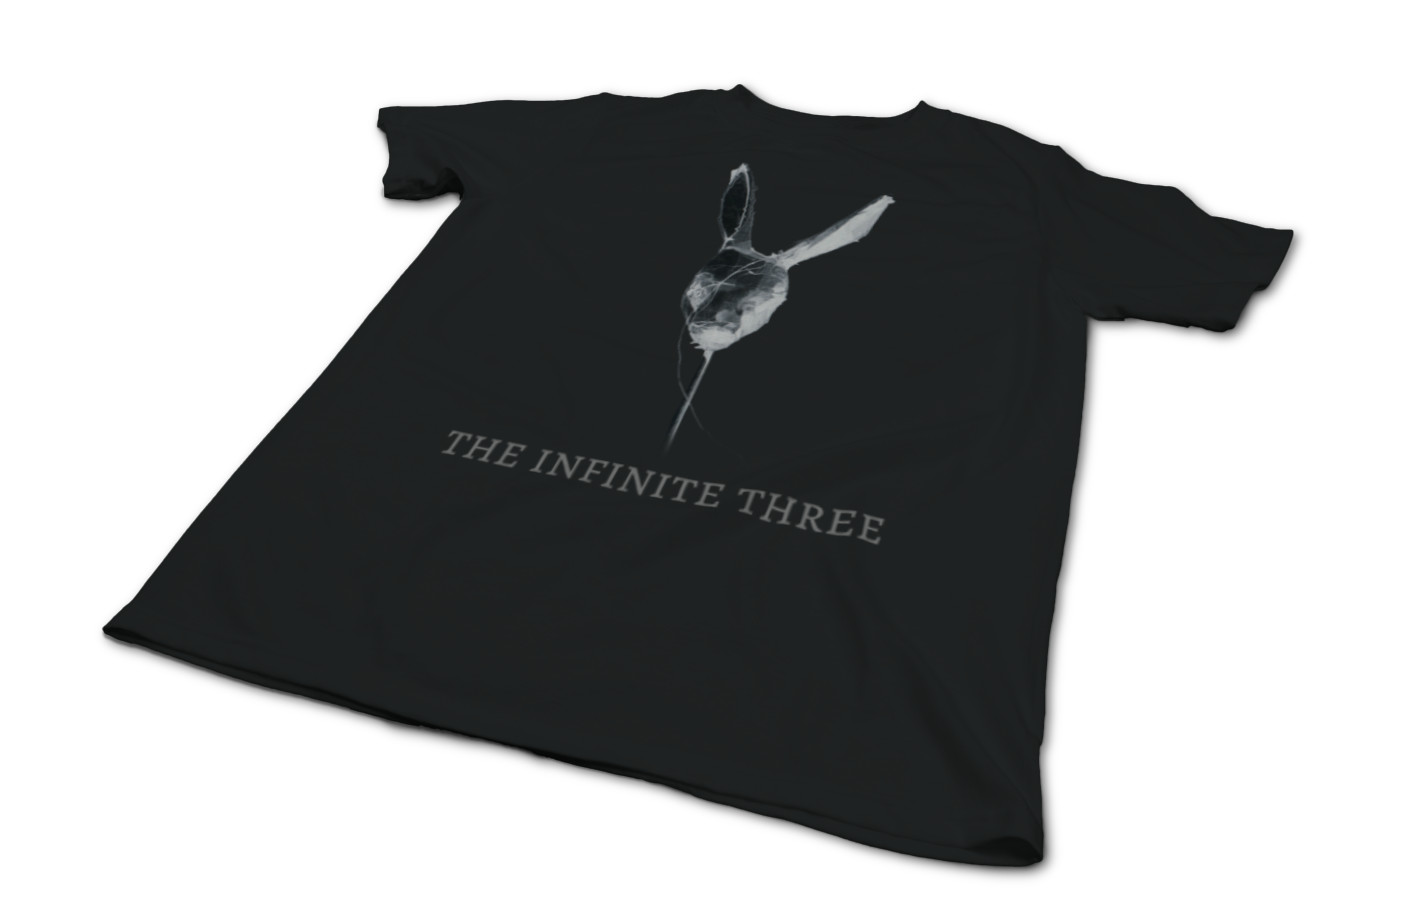 The infinite three lucky beast shirt 1494285992